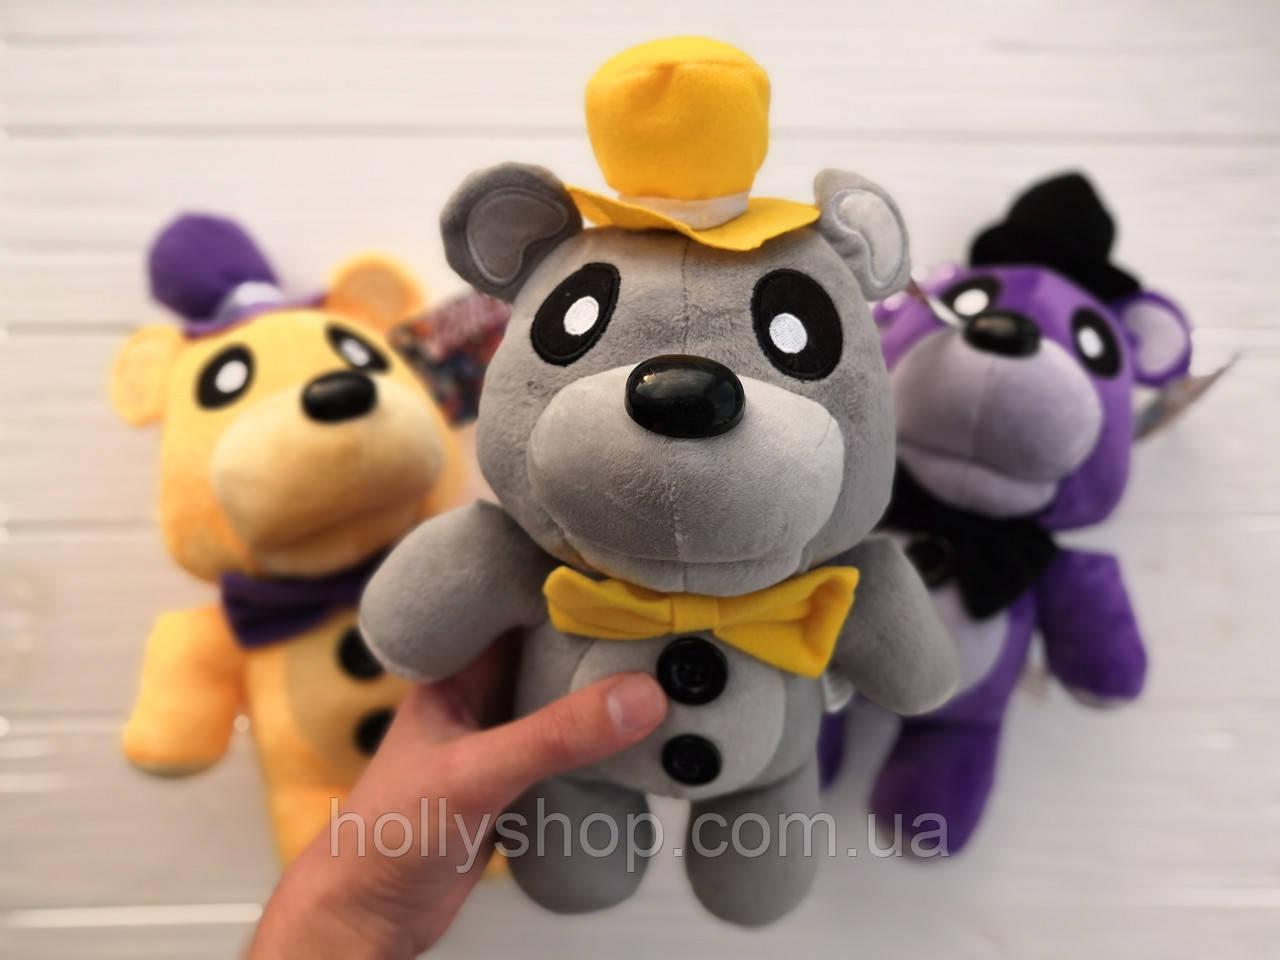 Мягкая игрушка Пять ночей с Фредди, FNaF - Мишка Фредди 30см (серый)